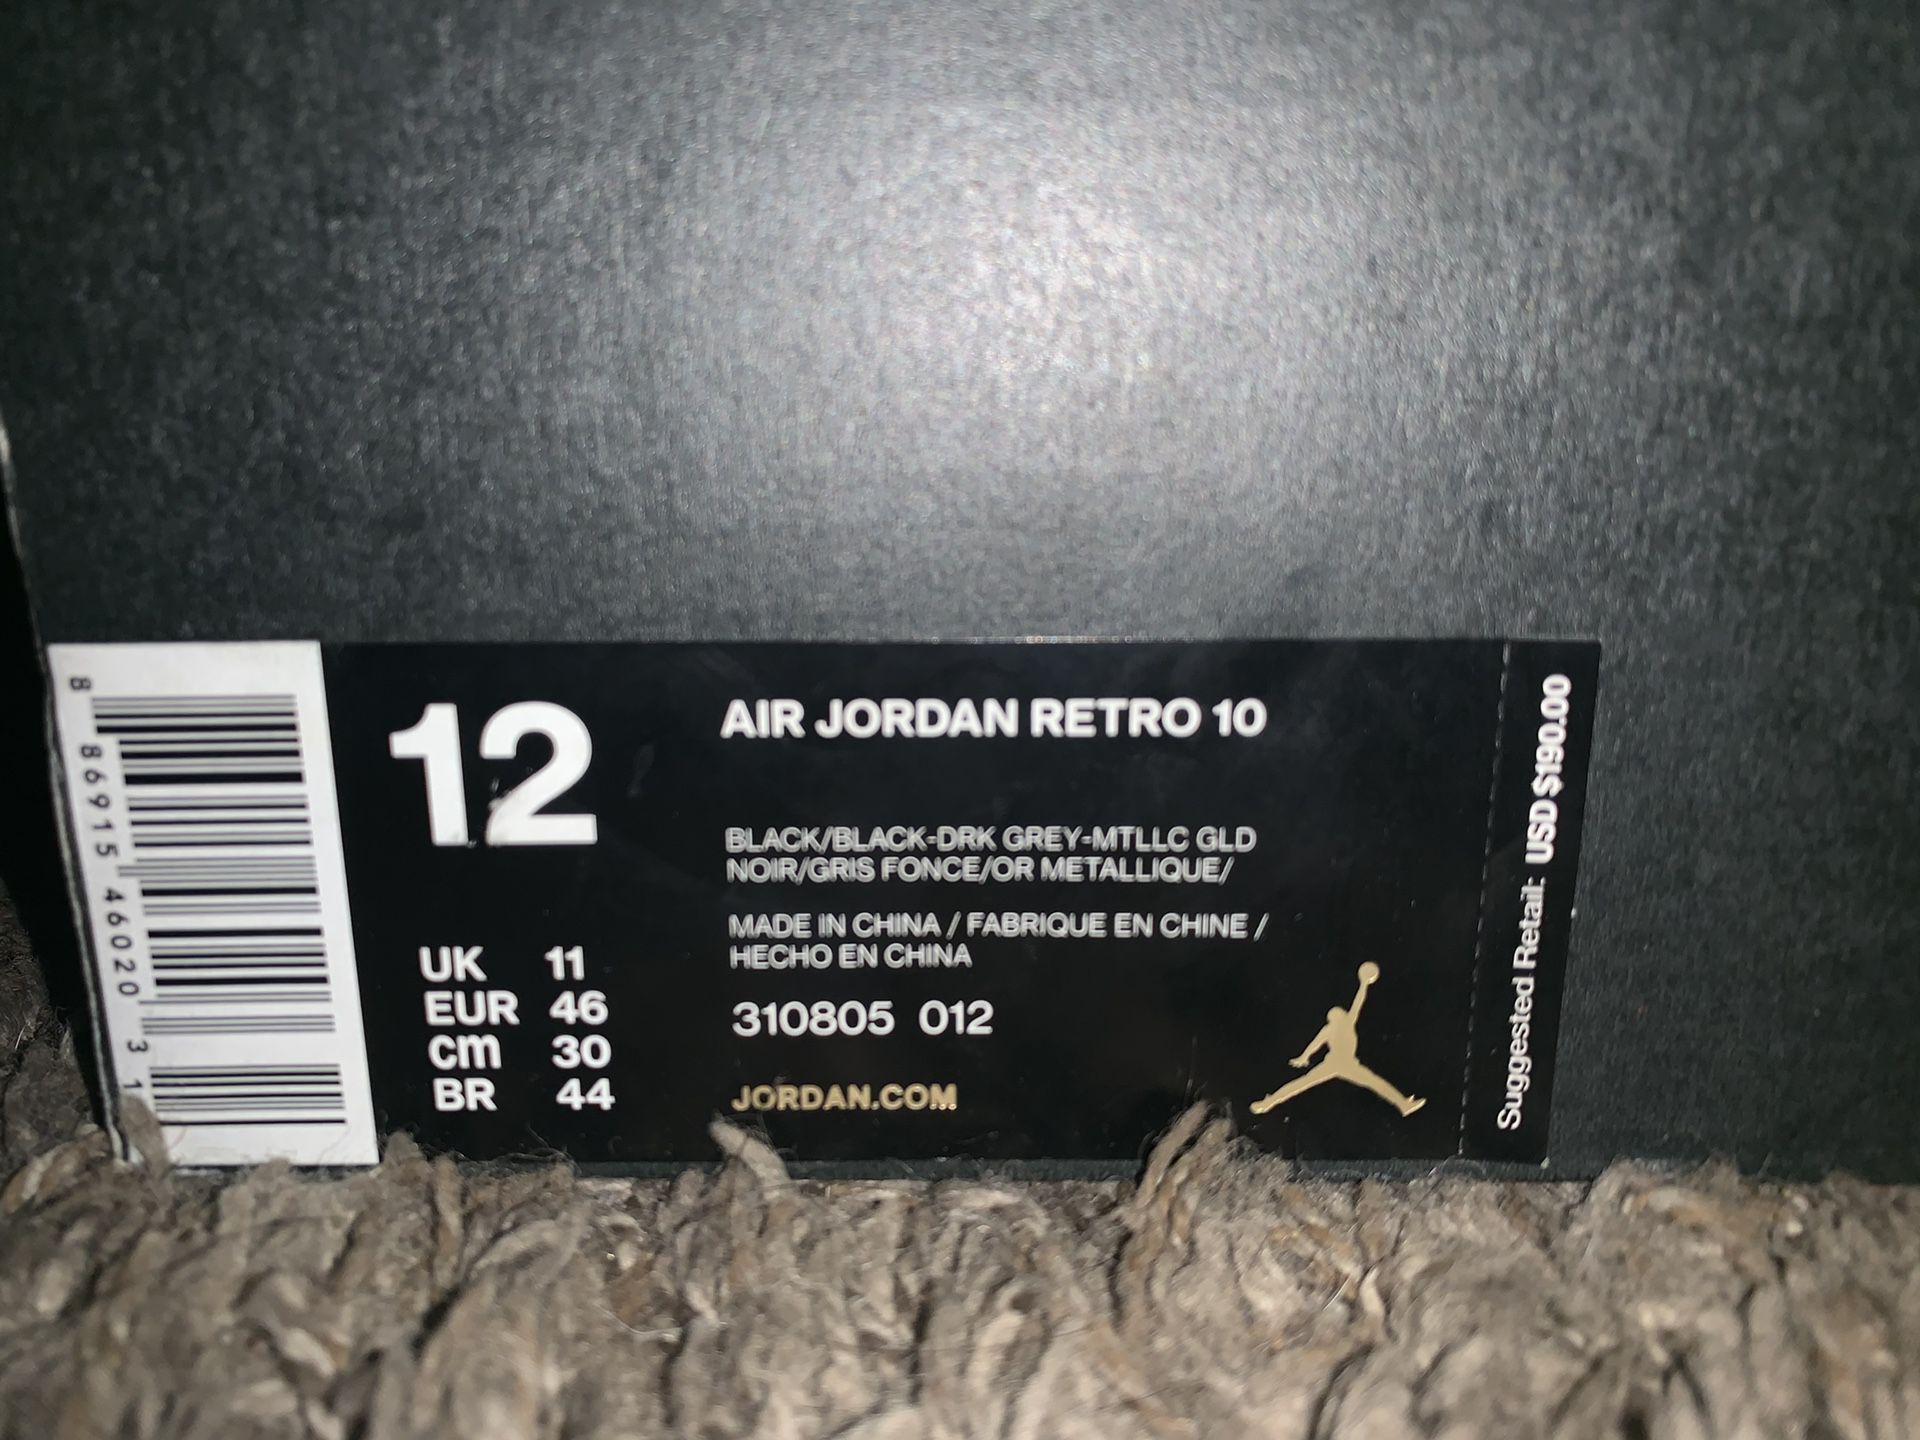 Jordan's 10